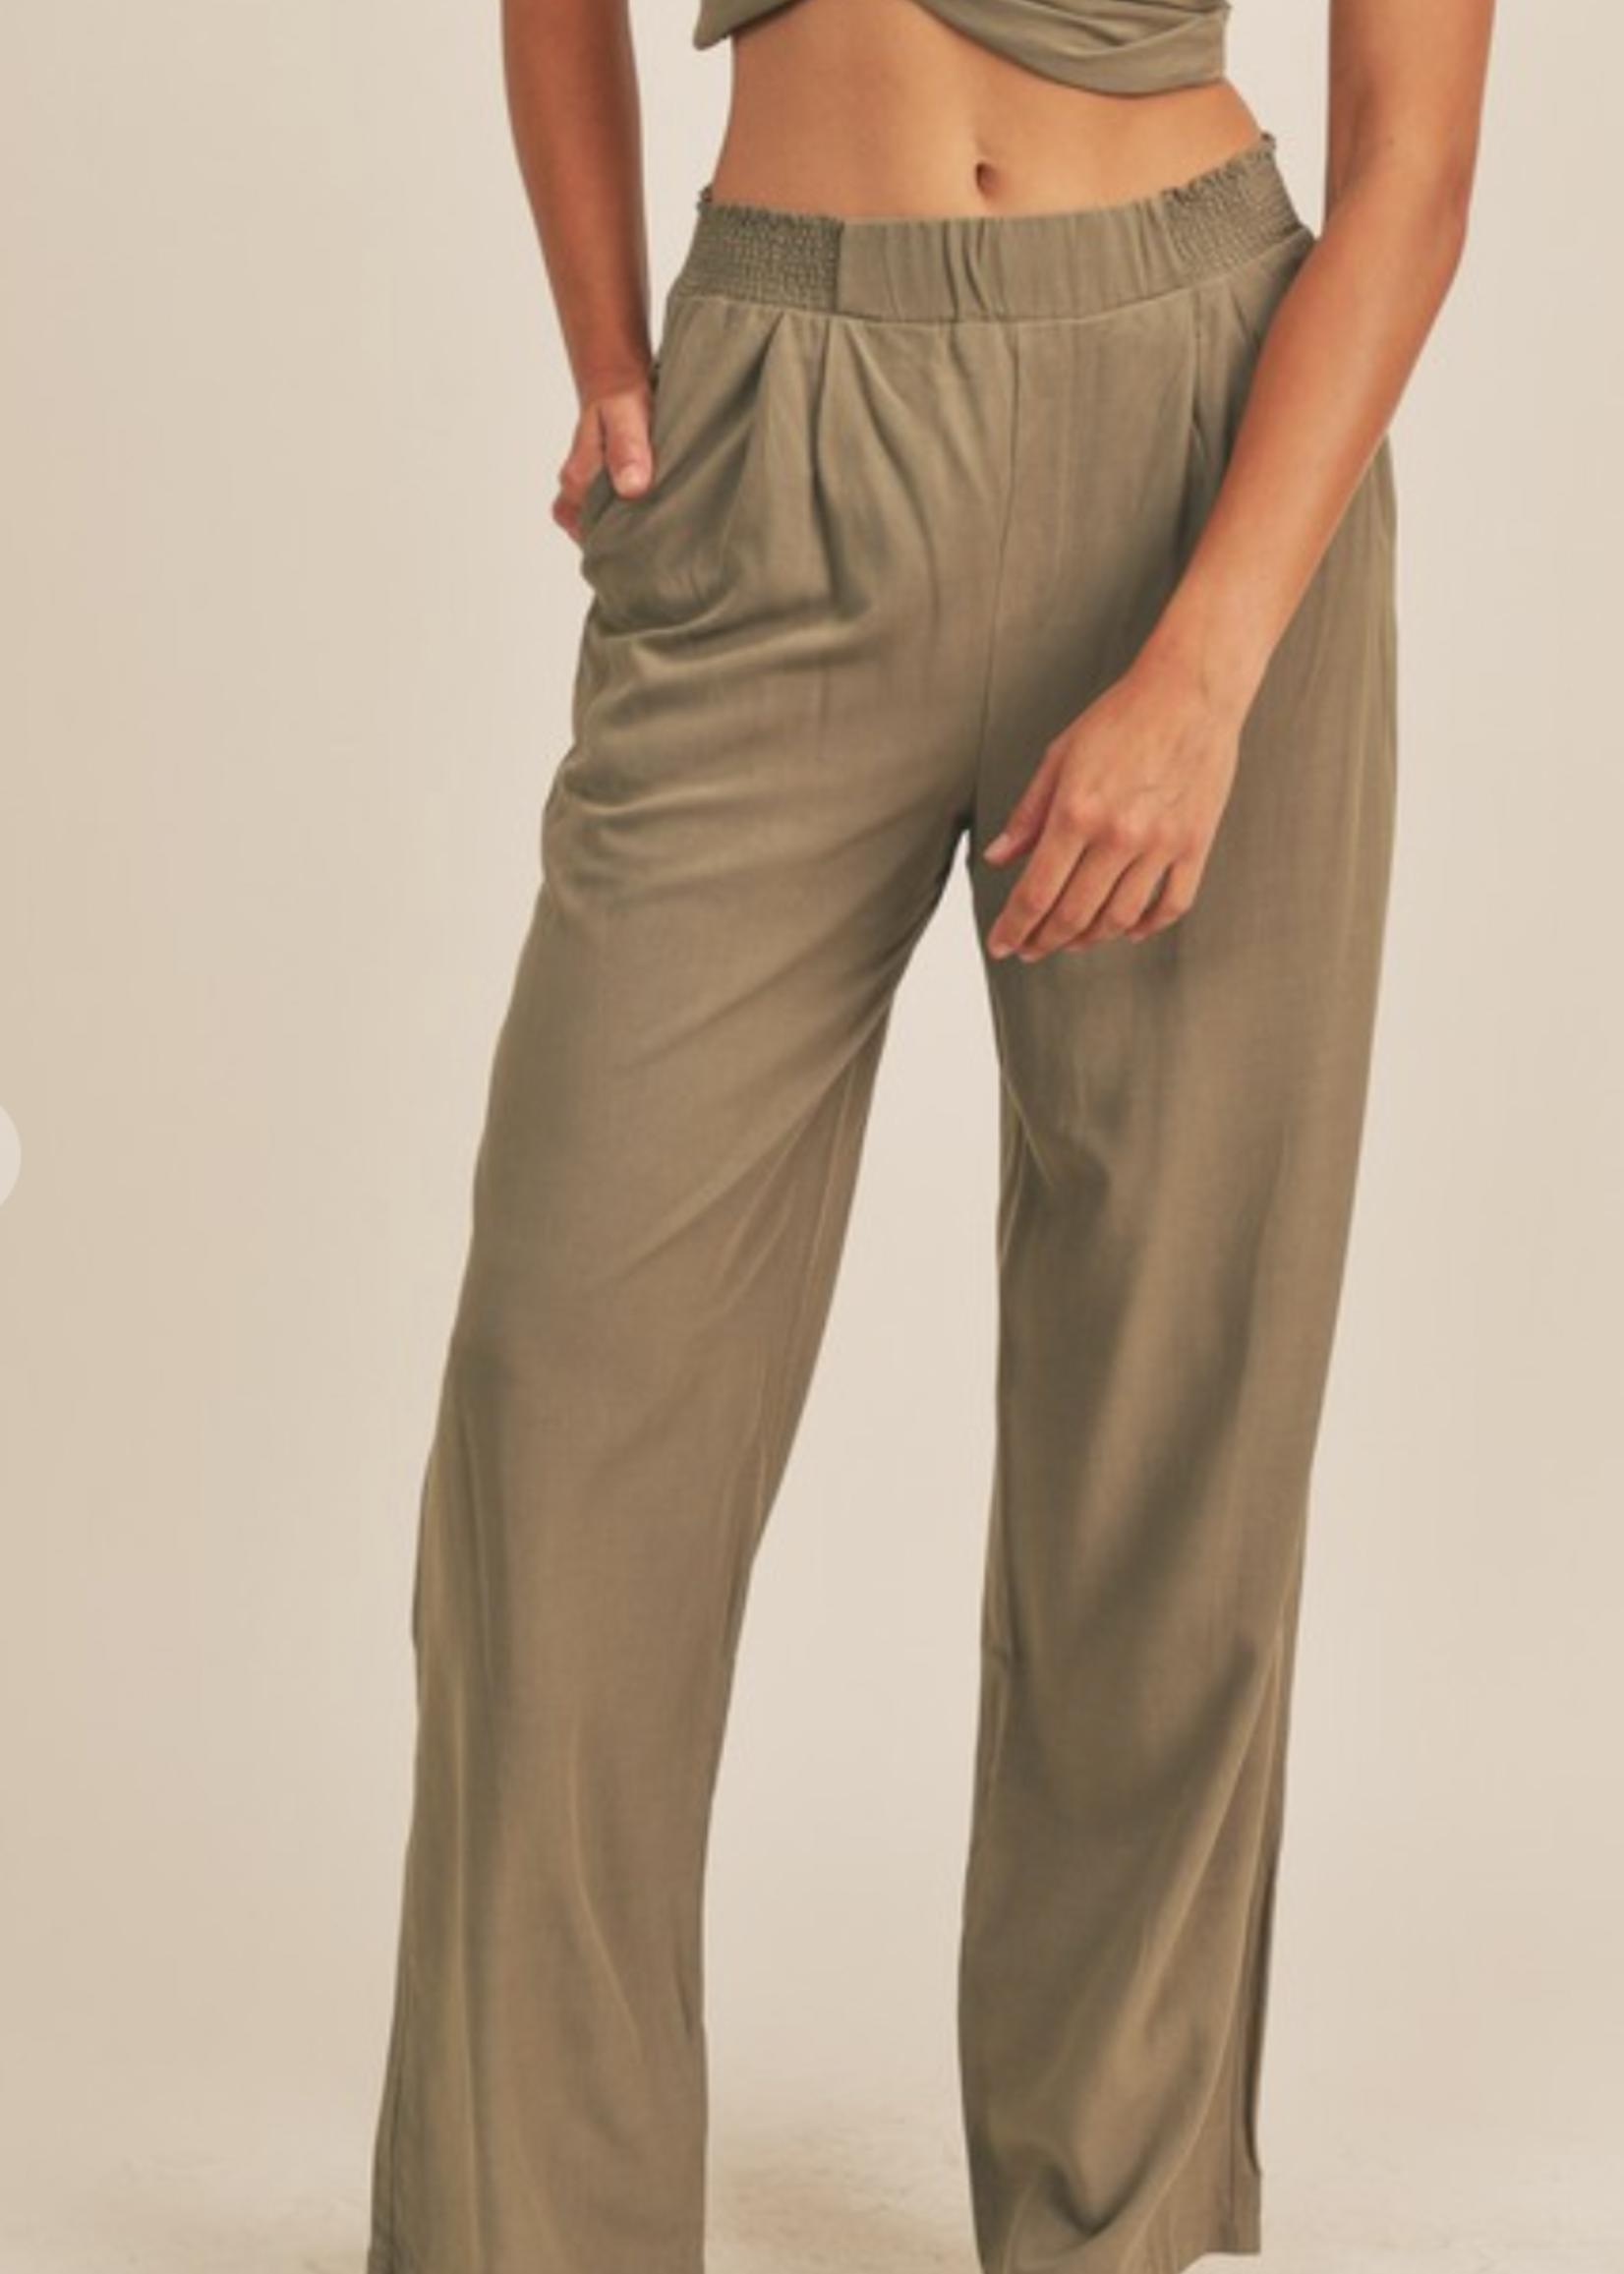 mable julie pants